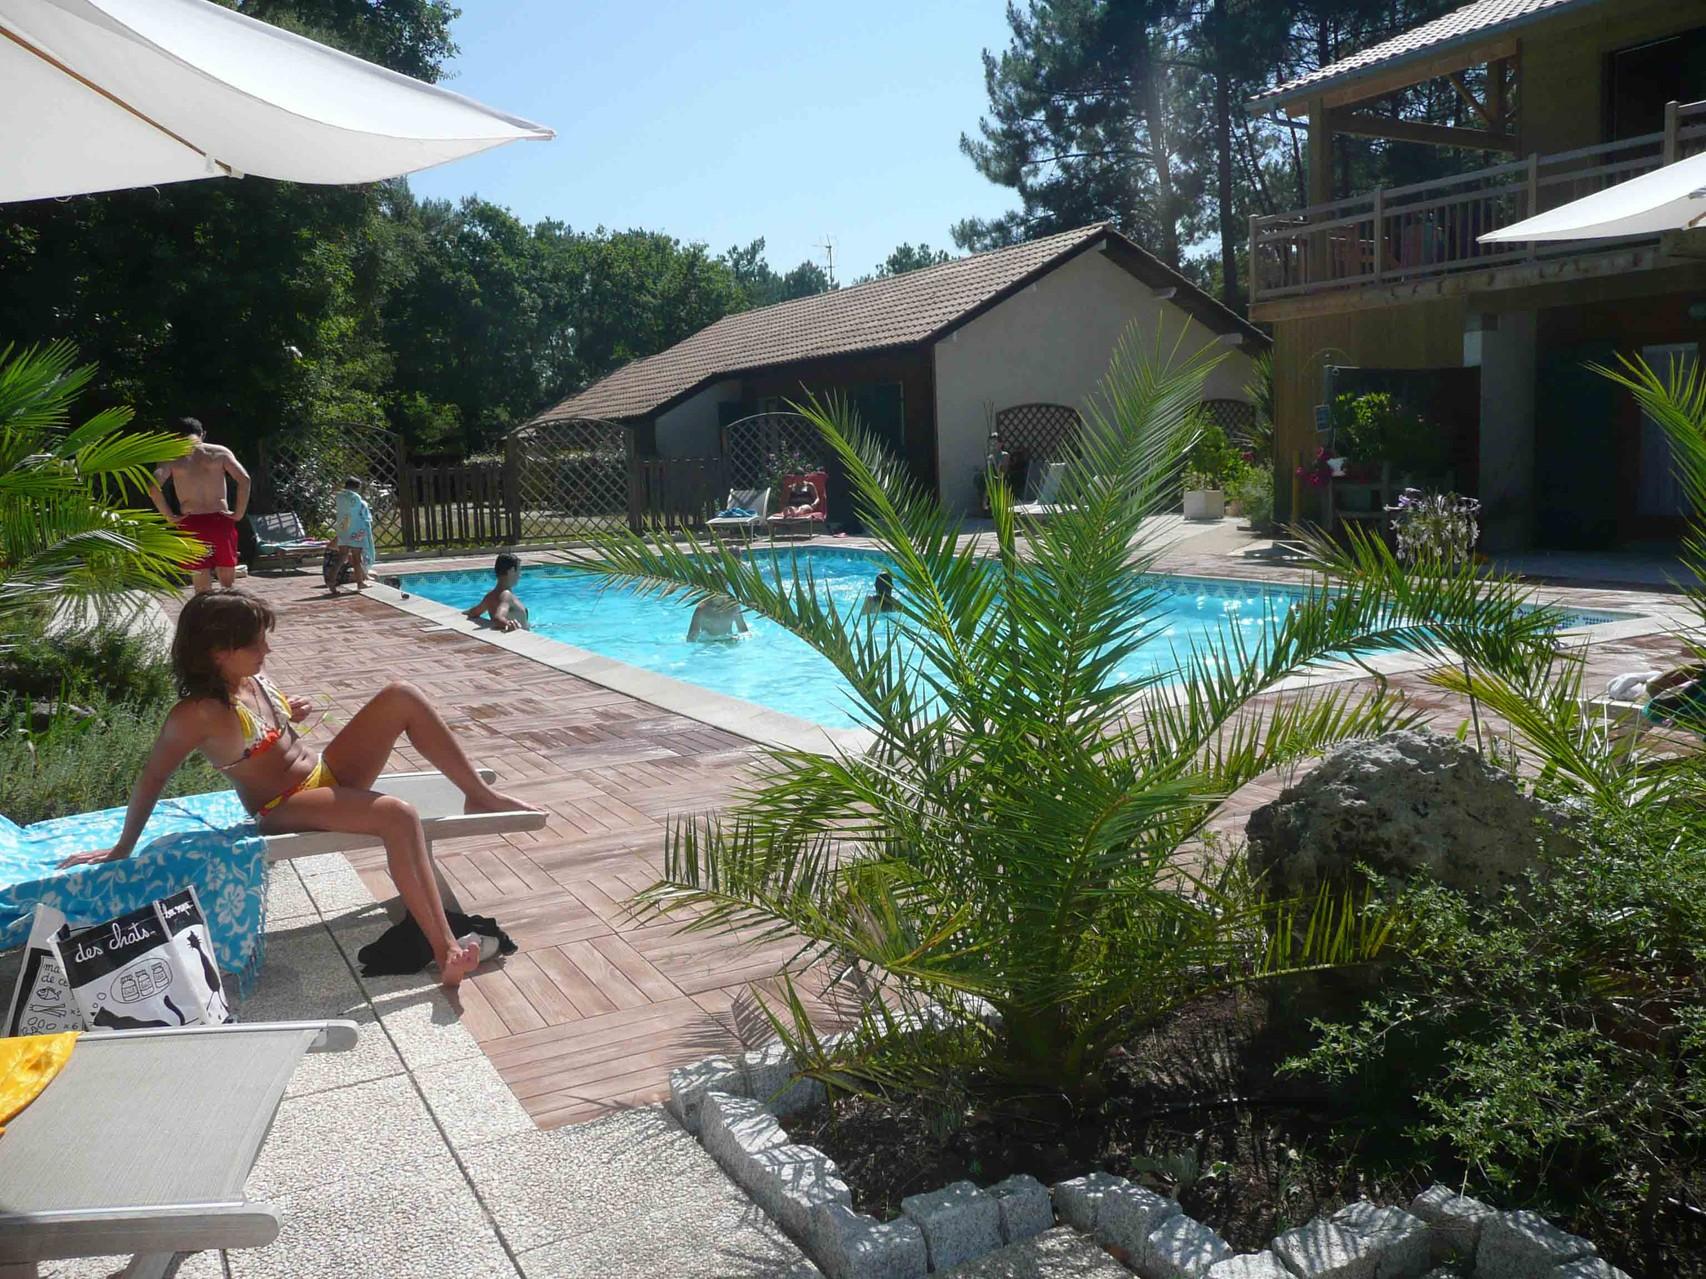 Location de vacances DUNEA Espace Piscine chauffée du 15 avril au 15 septembre